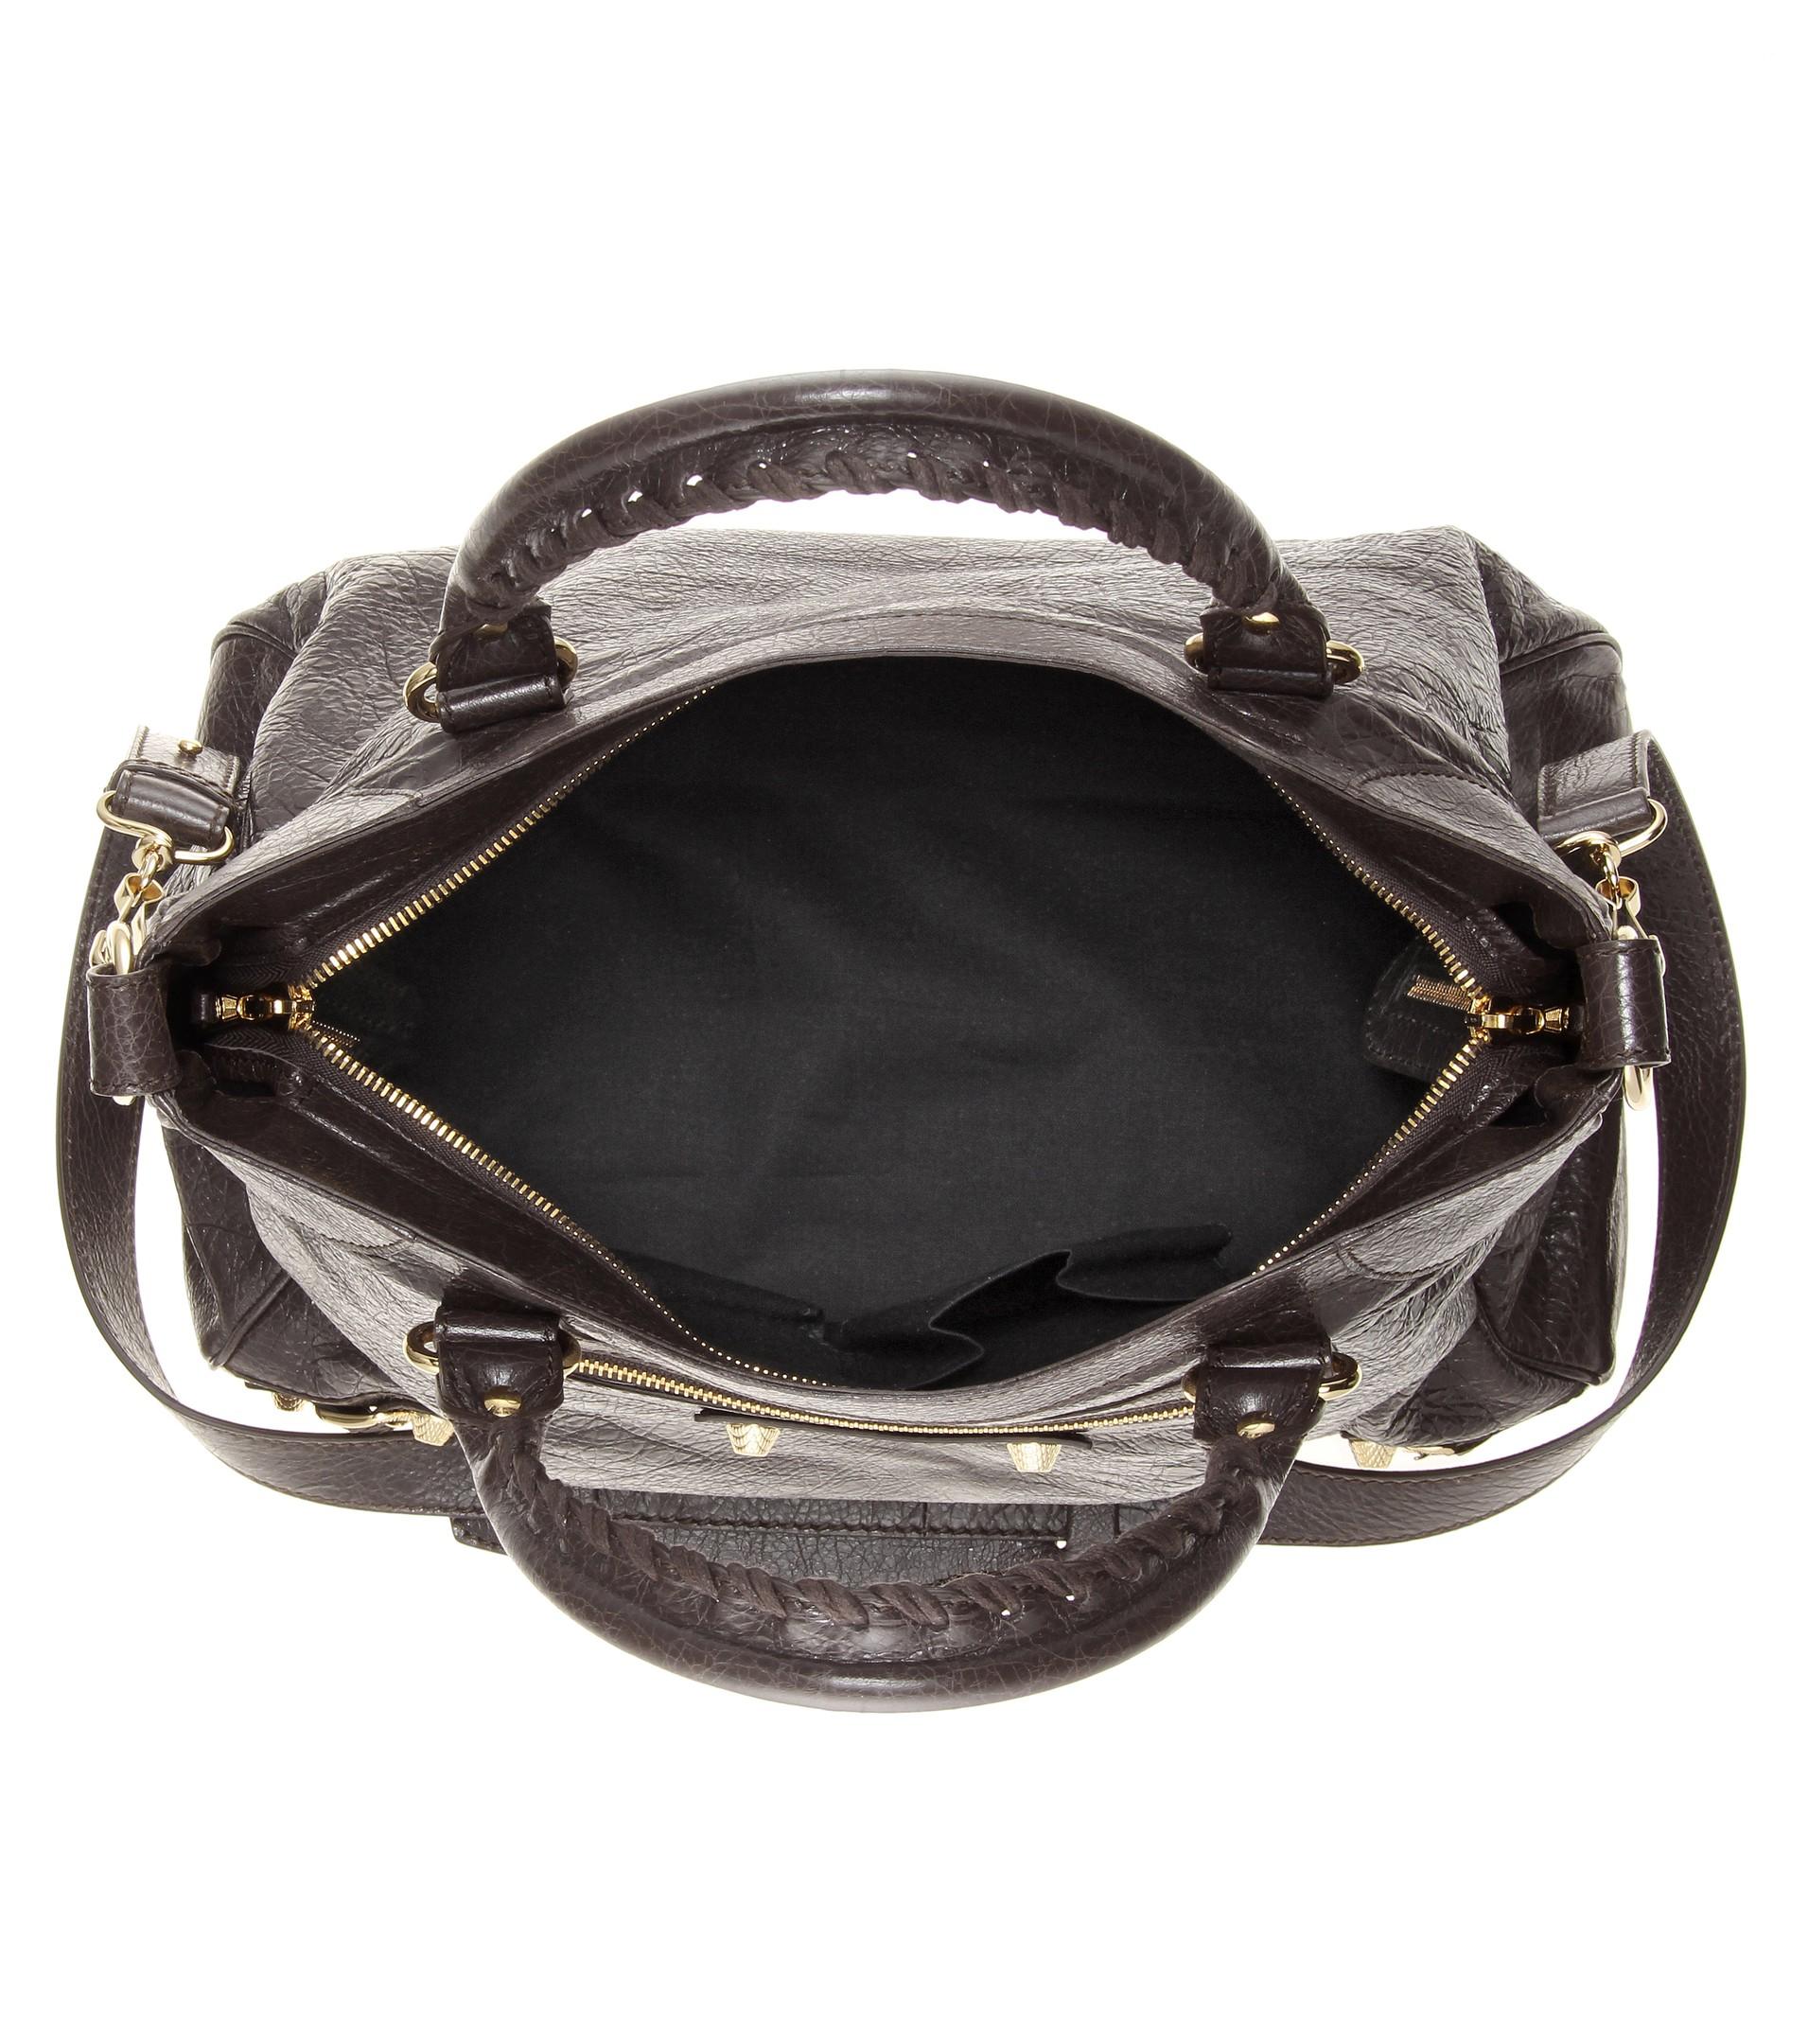 chloe replica wallet - balenciaga giant velo 12 leather tote, balenciaga mens for sale